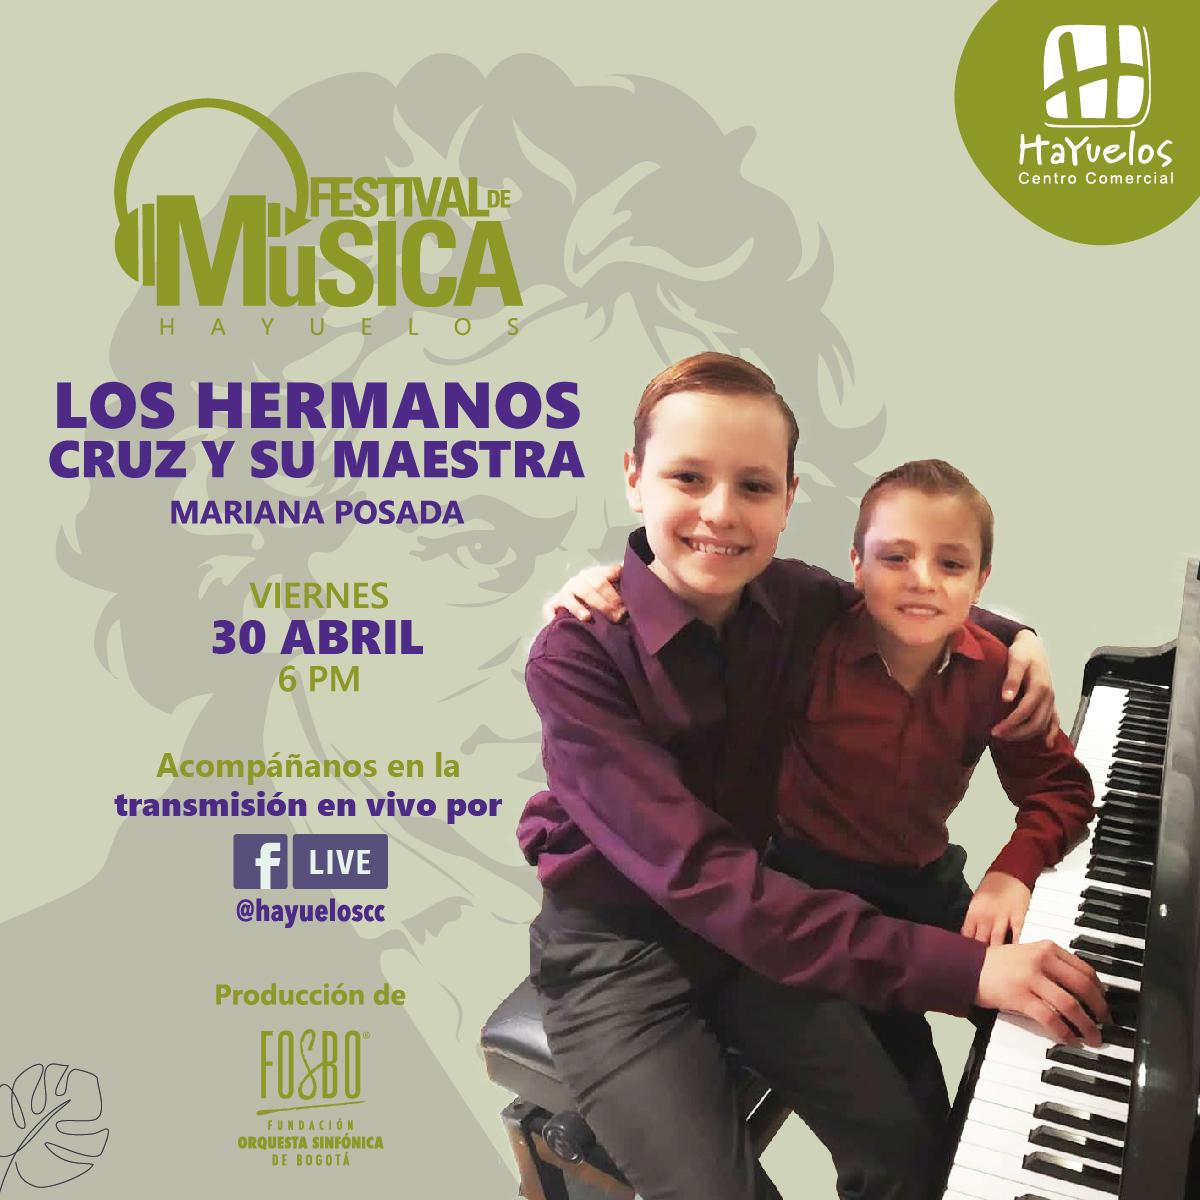 Hermanos Cruz, Mariana Posada Festival de Música Hayuelos Fosbo